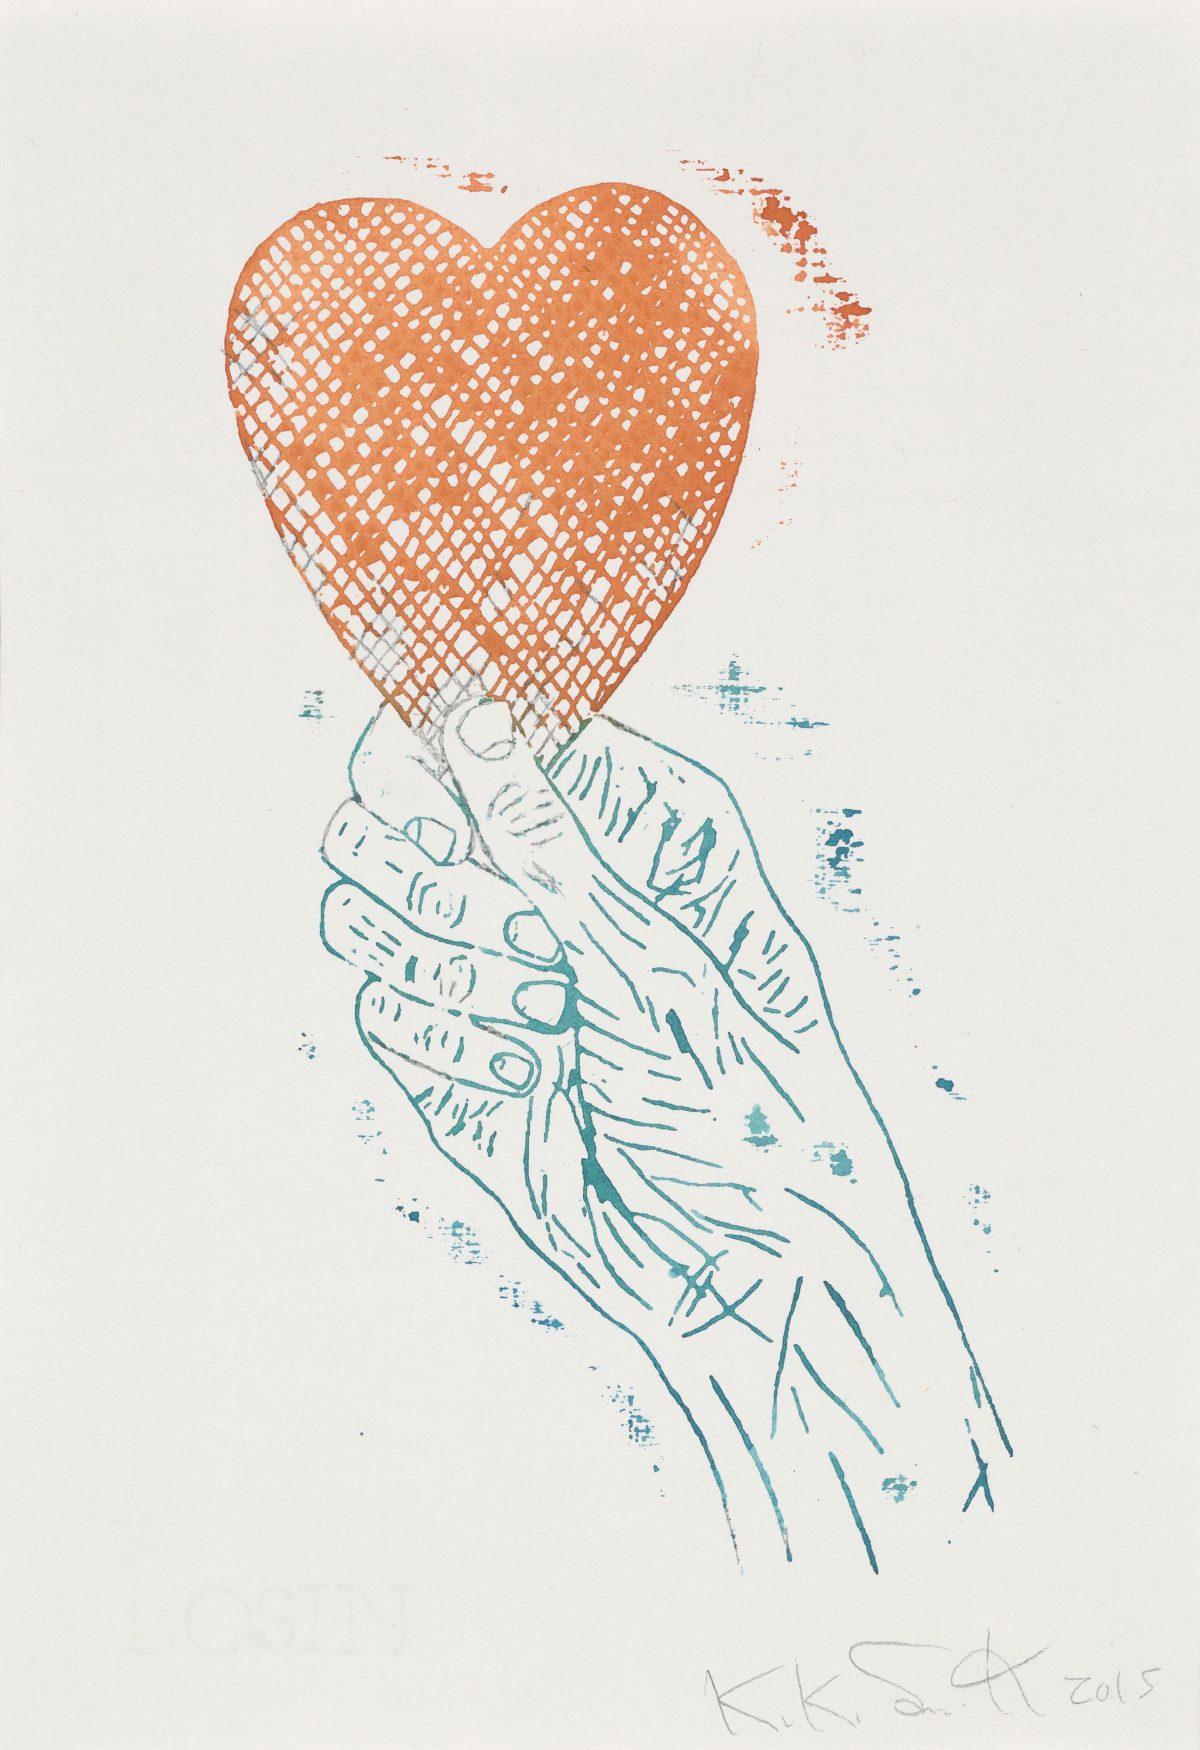 Kiki Smith, Heart in Hand, 2015, Monoprint; Aquarell und Bleistift auf Losin Prague-Papier, 296 x 205 mm, Staatliche Graphische Sammlung München, Schenkung der Künstlerin © Kiki Smith, courtesy Pace Gallery